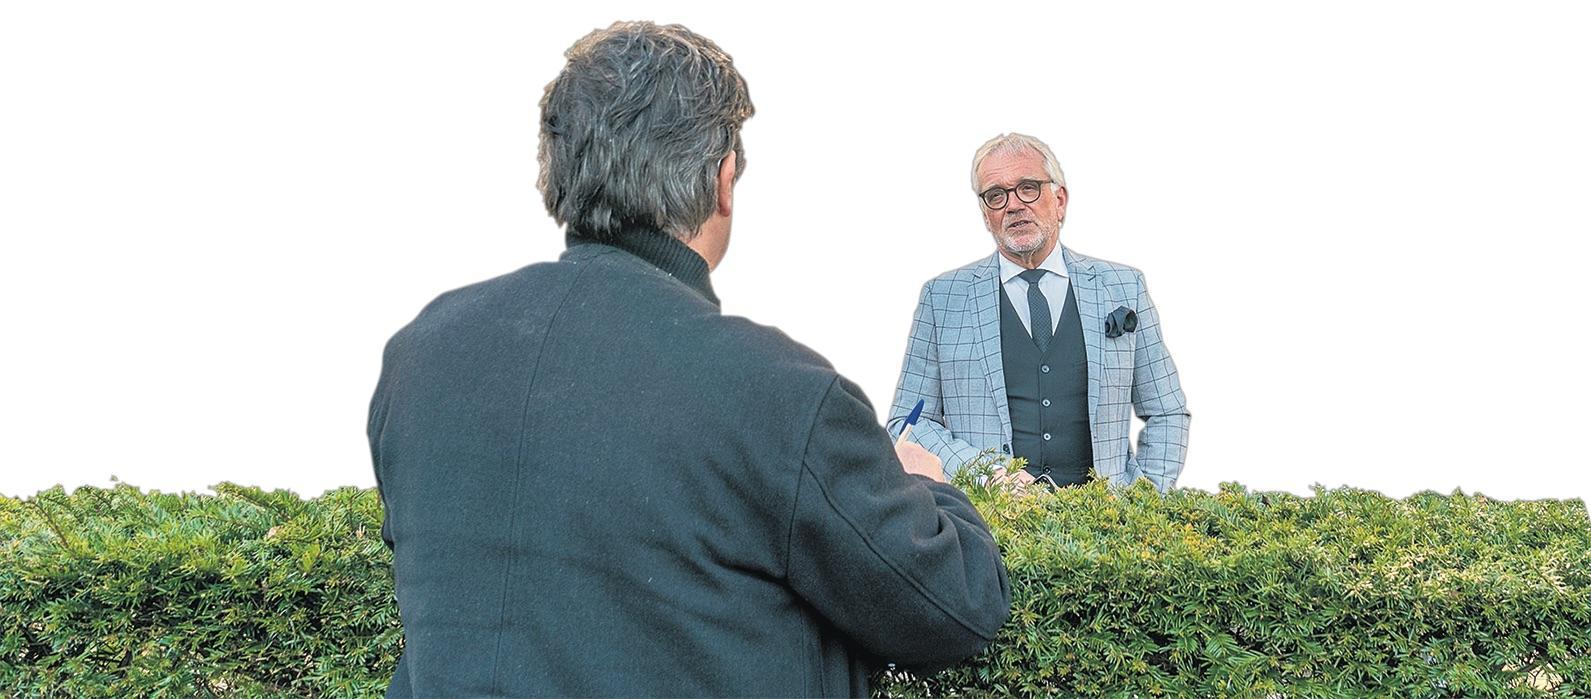 Burgemeester Bruinooge van Alkmaar hoopt dat het kabinet dinsdag iets voor de jongeren gaat doen